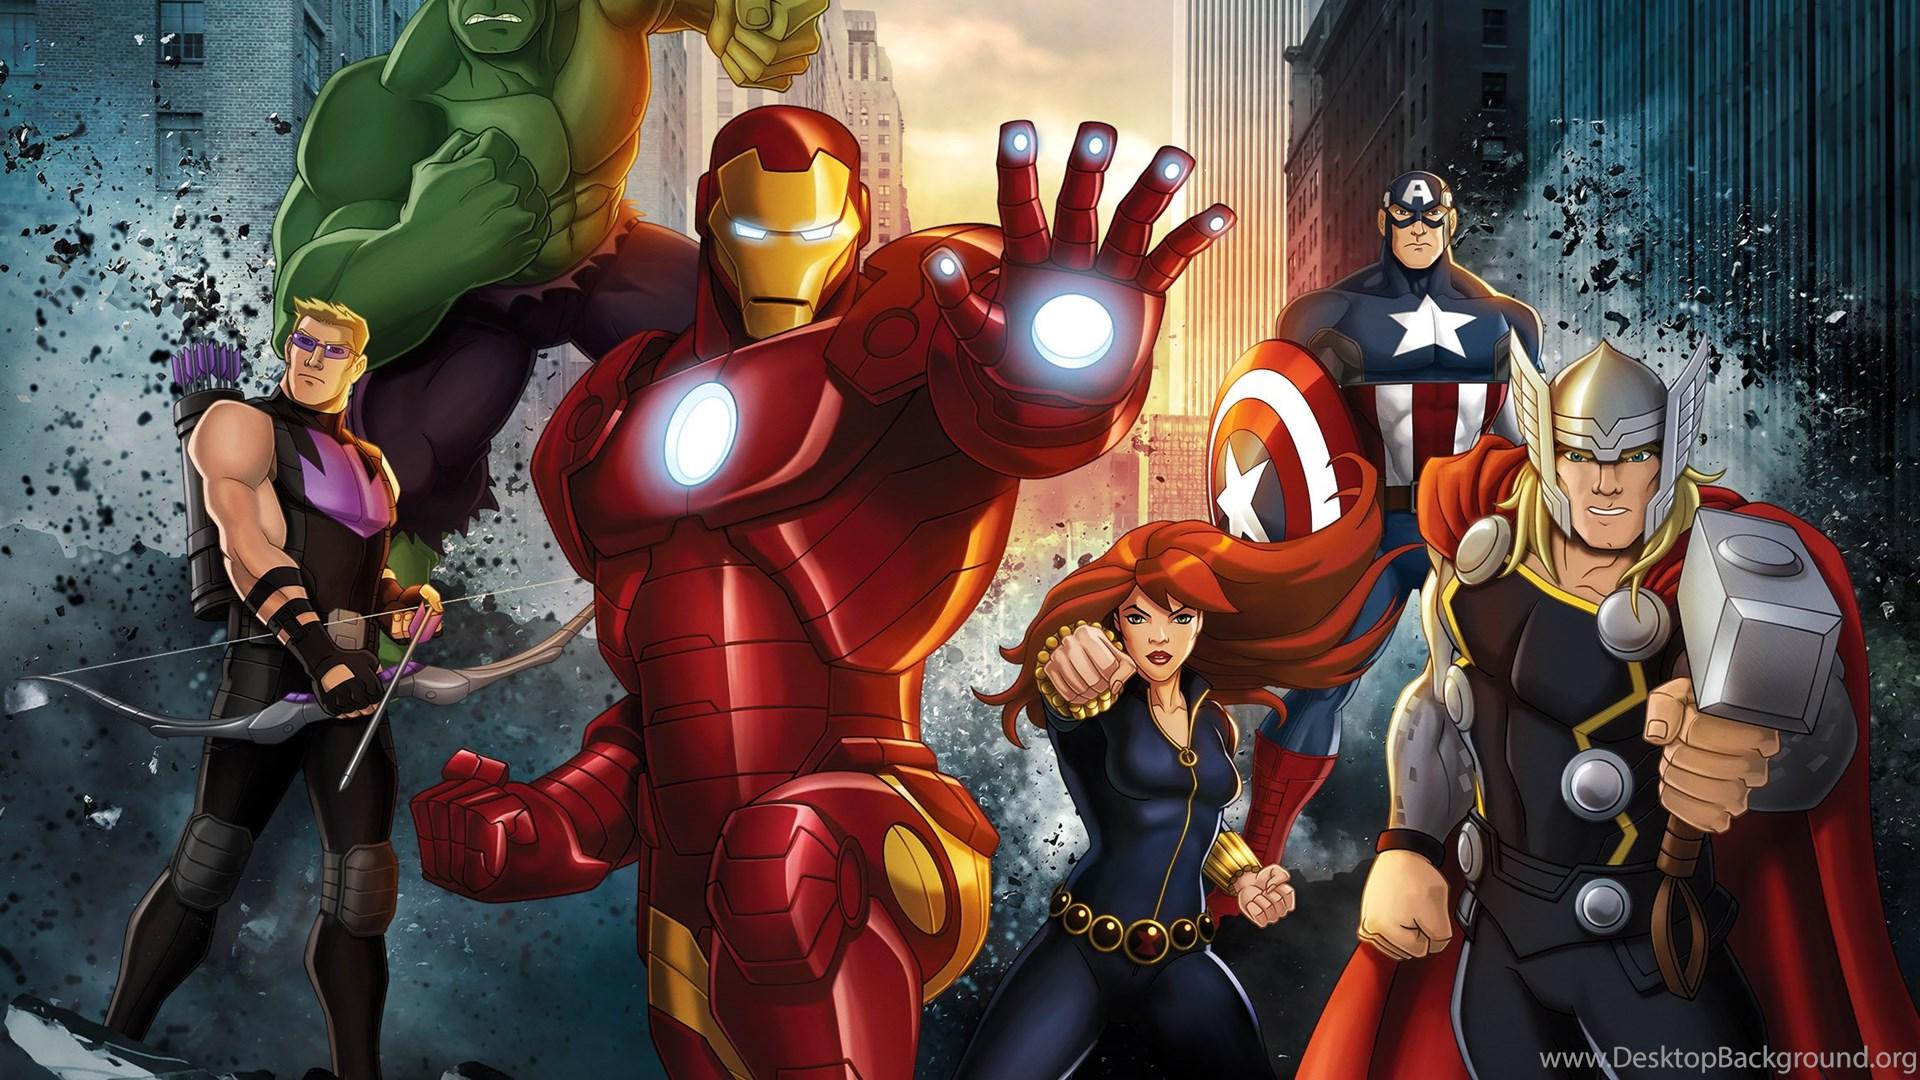 Marvel Avengers Assemble Avengers Wallpapers Hd Desktop Background